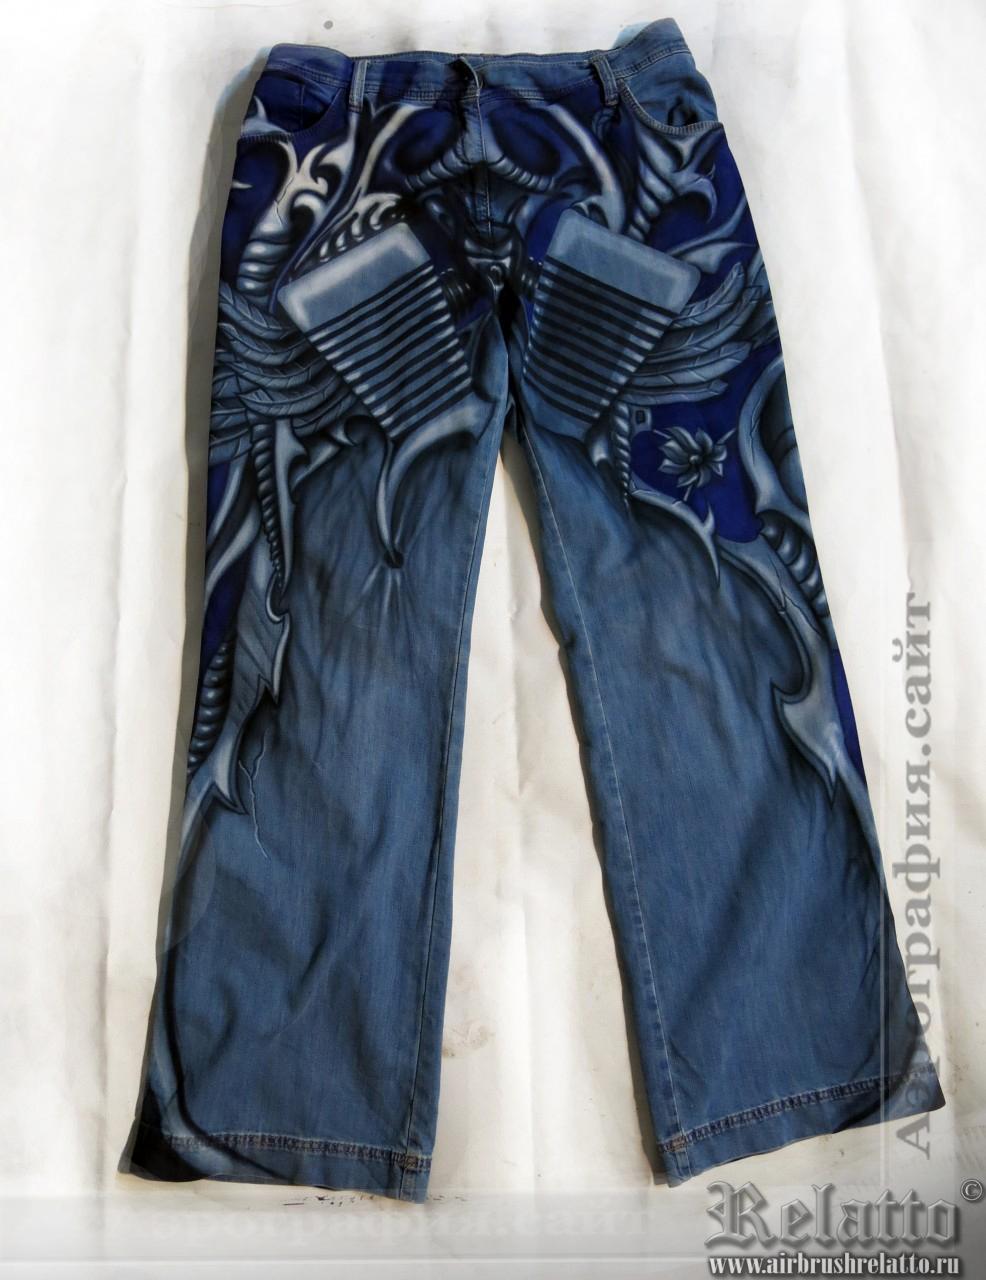 Аэрография на джинсах